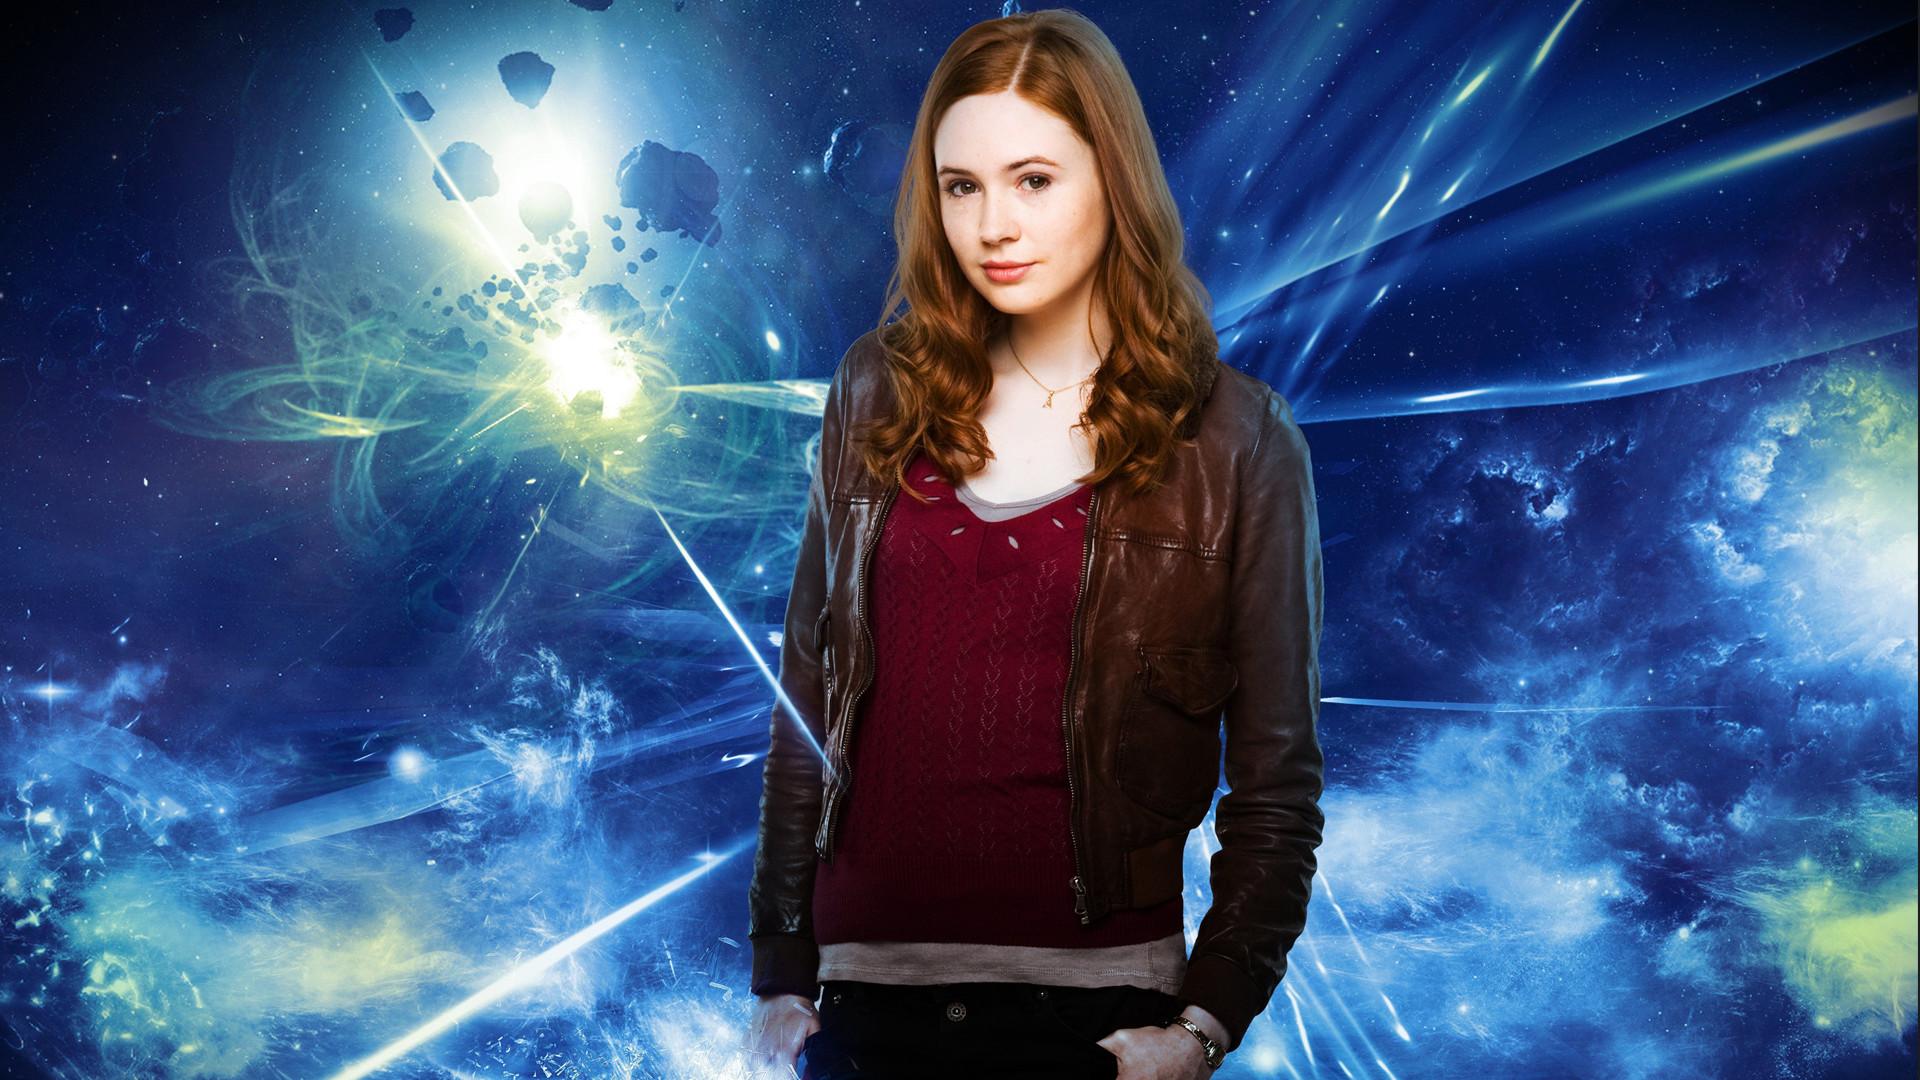 Wallpapers Karee Karen Gillan Doctor Who   #231707 #karee    Download Wallpaper   Pinterest   Karen gillan and Wallpaper